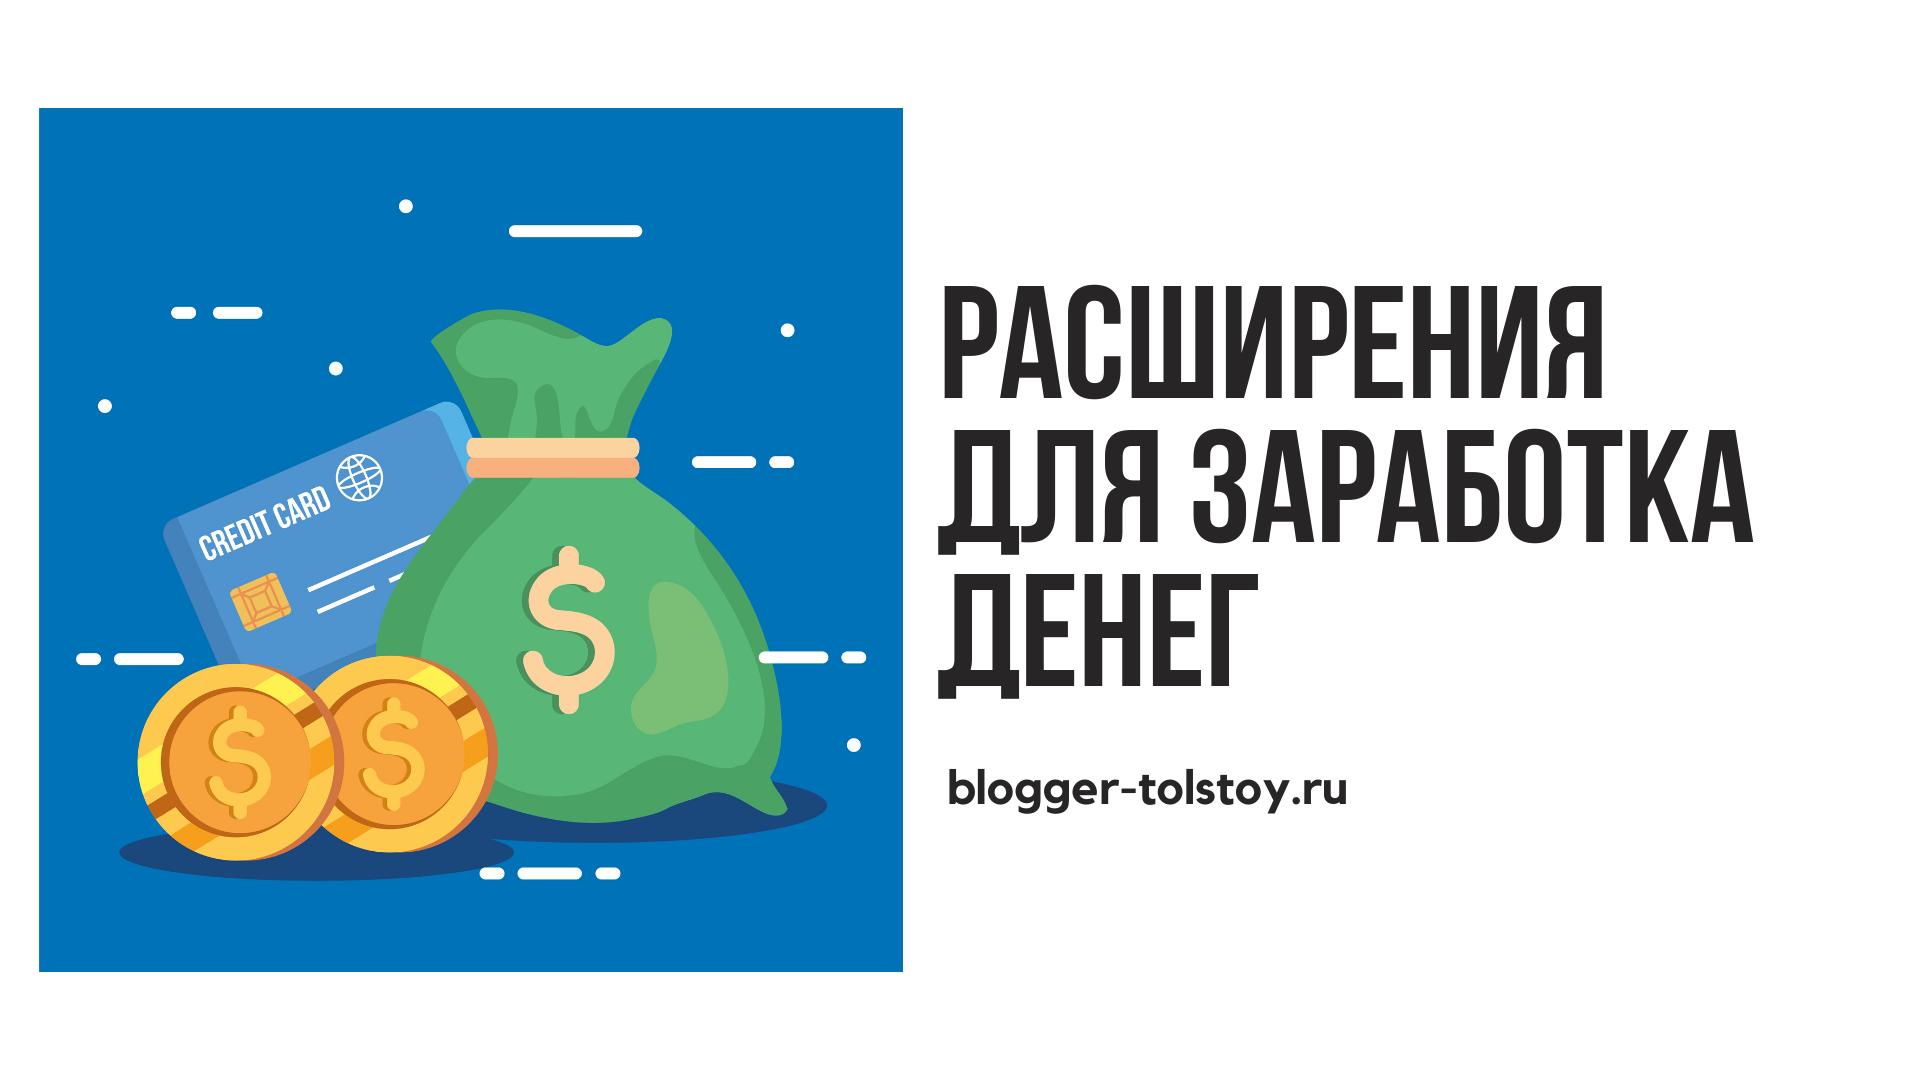 Превью статьи расширения для заработка денег